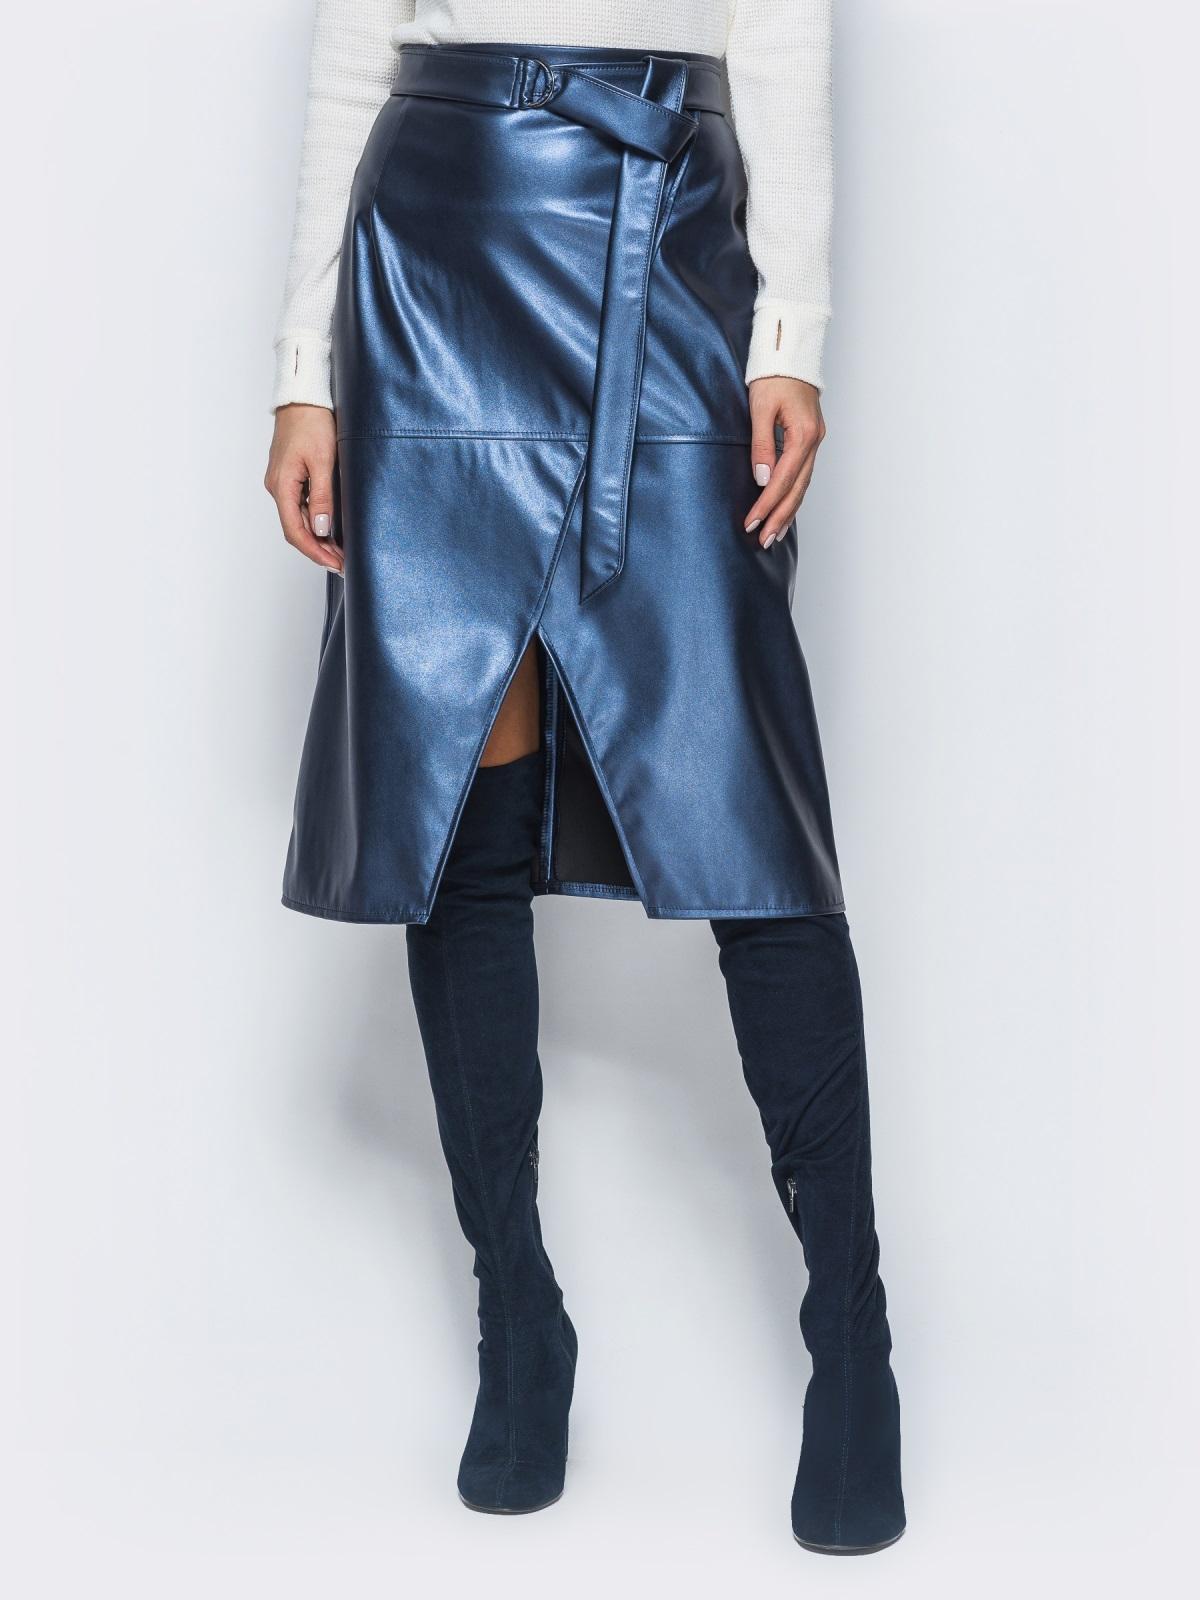 dd115a16536 Кожаная юбка с поясом в комплекте тёмно-синяя 17386 – купить в Киеве ...